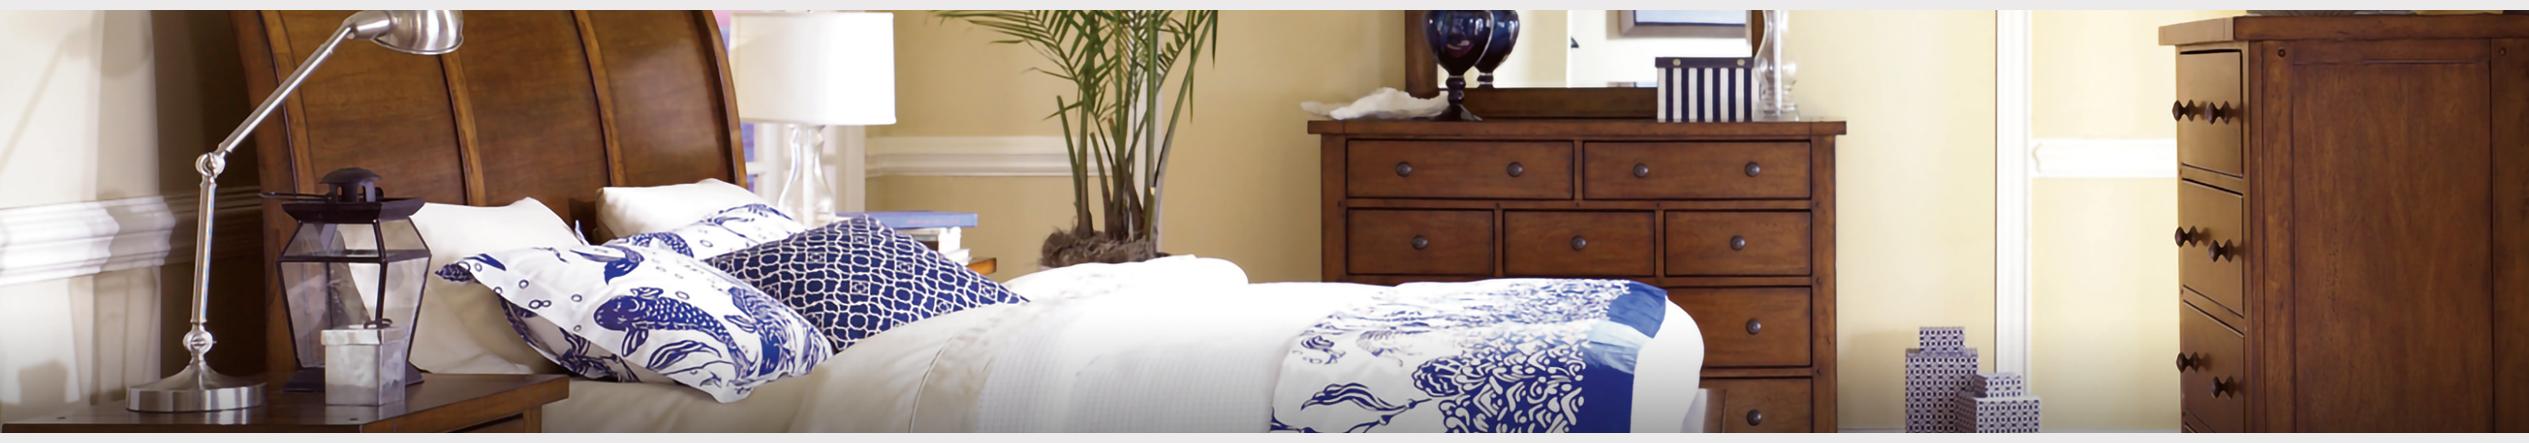 Jordan's Furniture - Wood Care